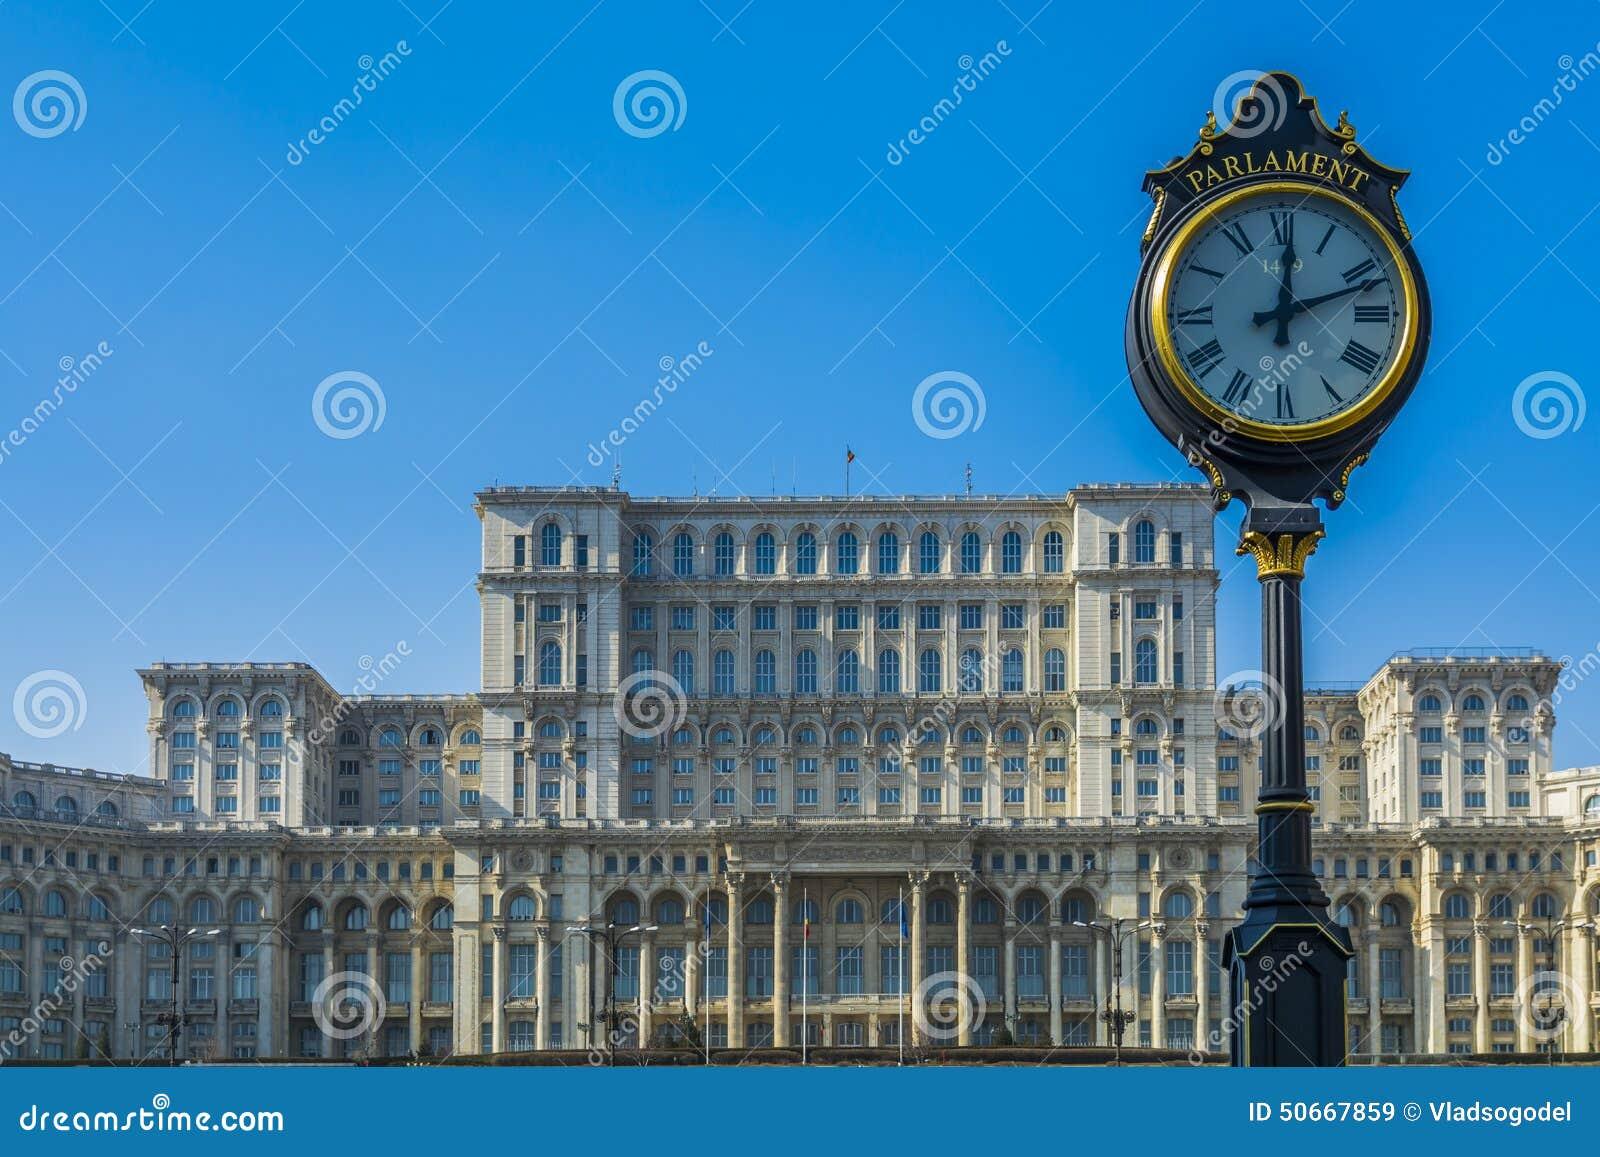 Το κτήριο του Κοινοβουλίου στο Βουκουρέστι Ρουμανία κάλεσε επίσης Casa Poporulu